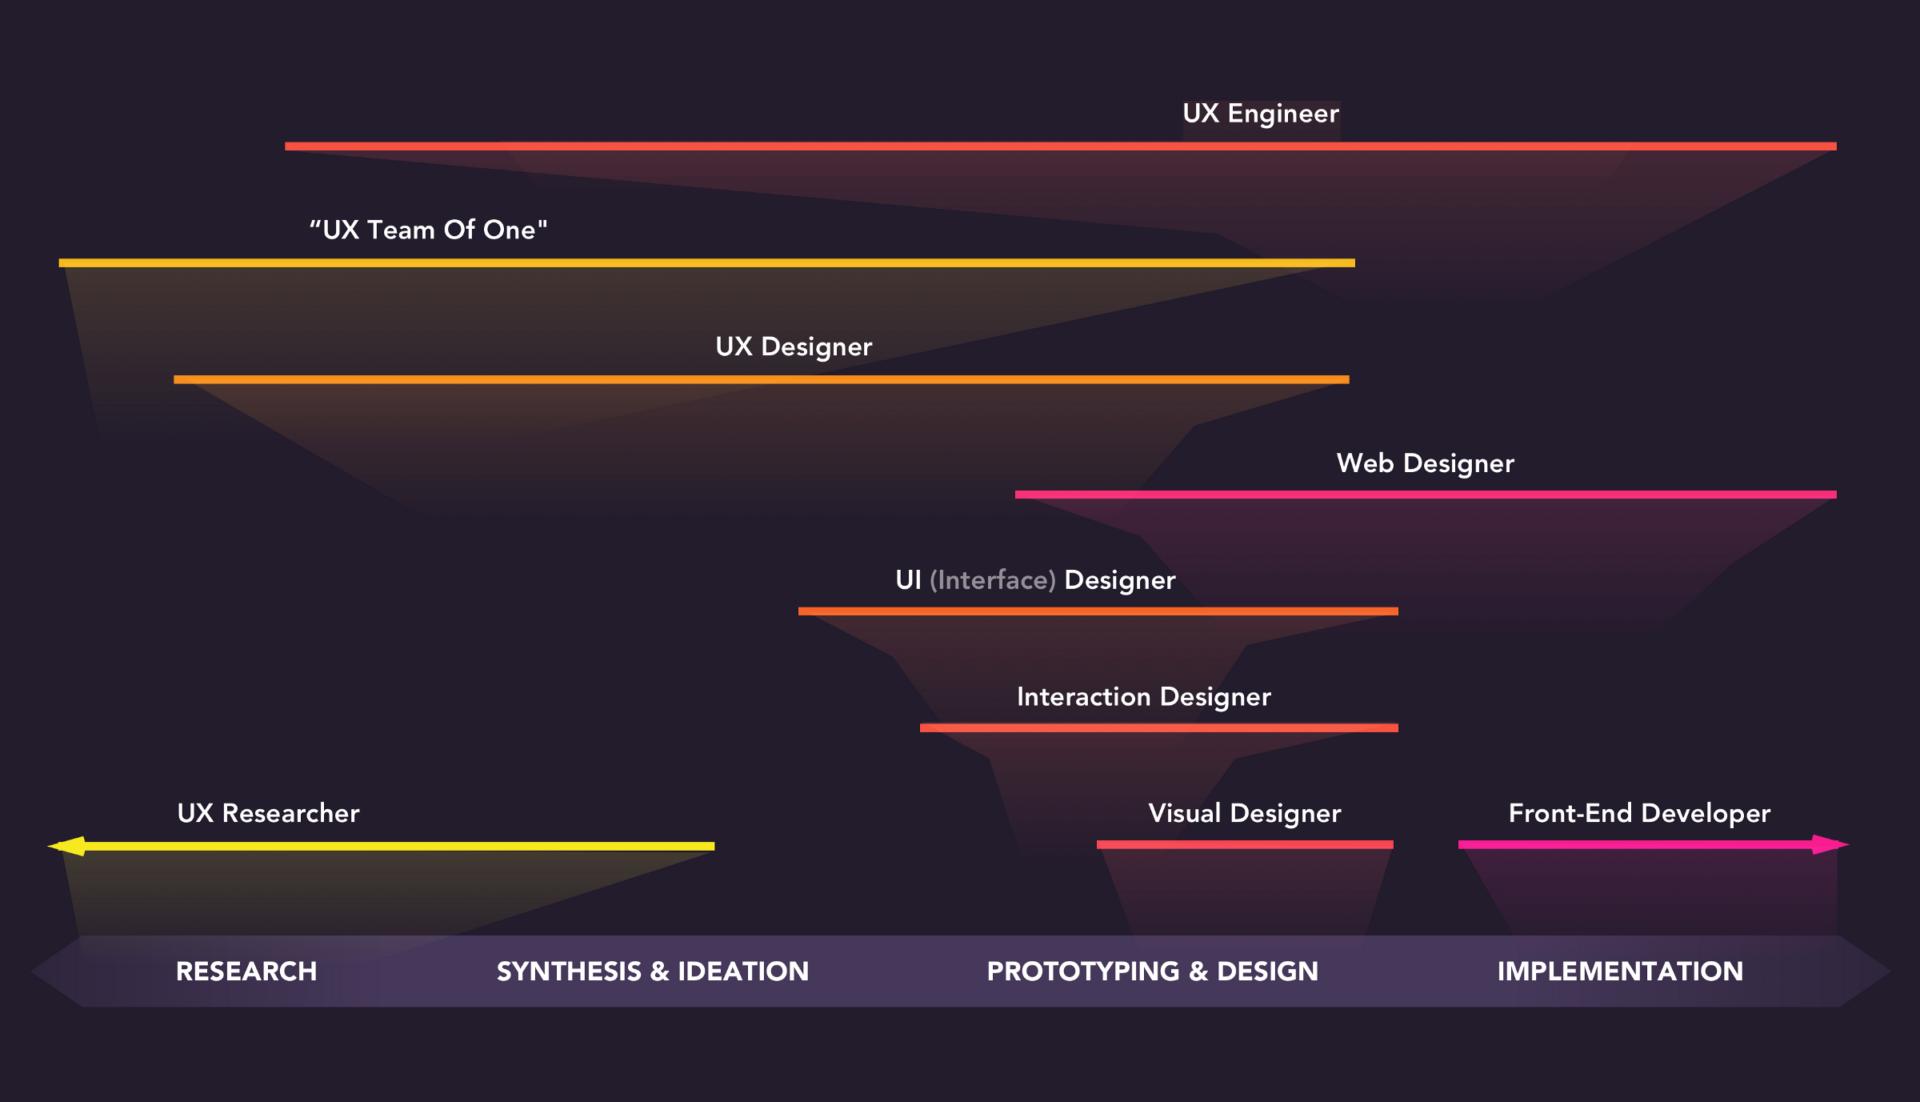 ¿Qué tipo de roles existen en el diseño gráfico?